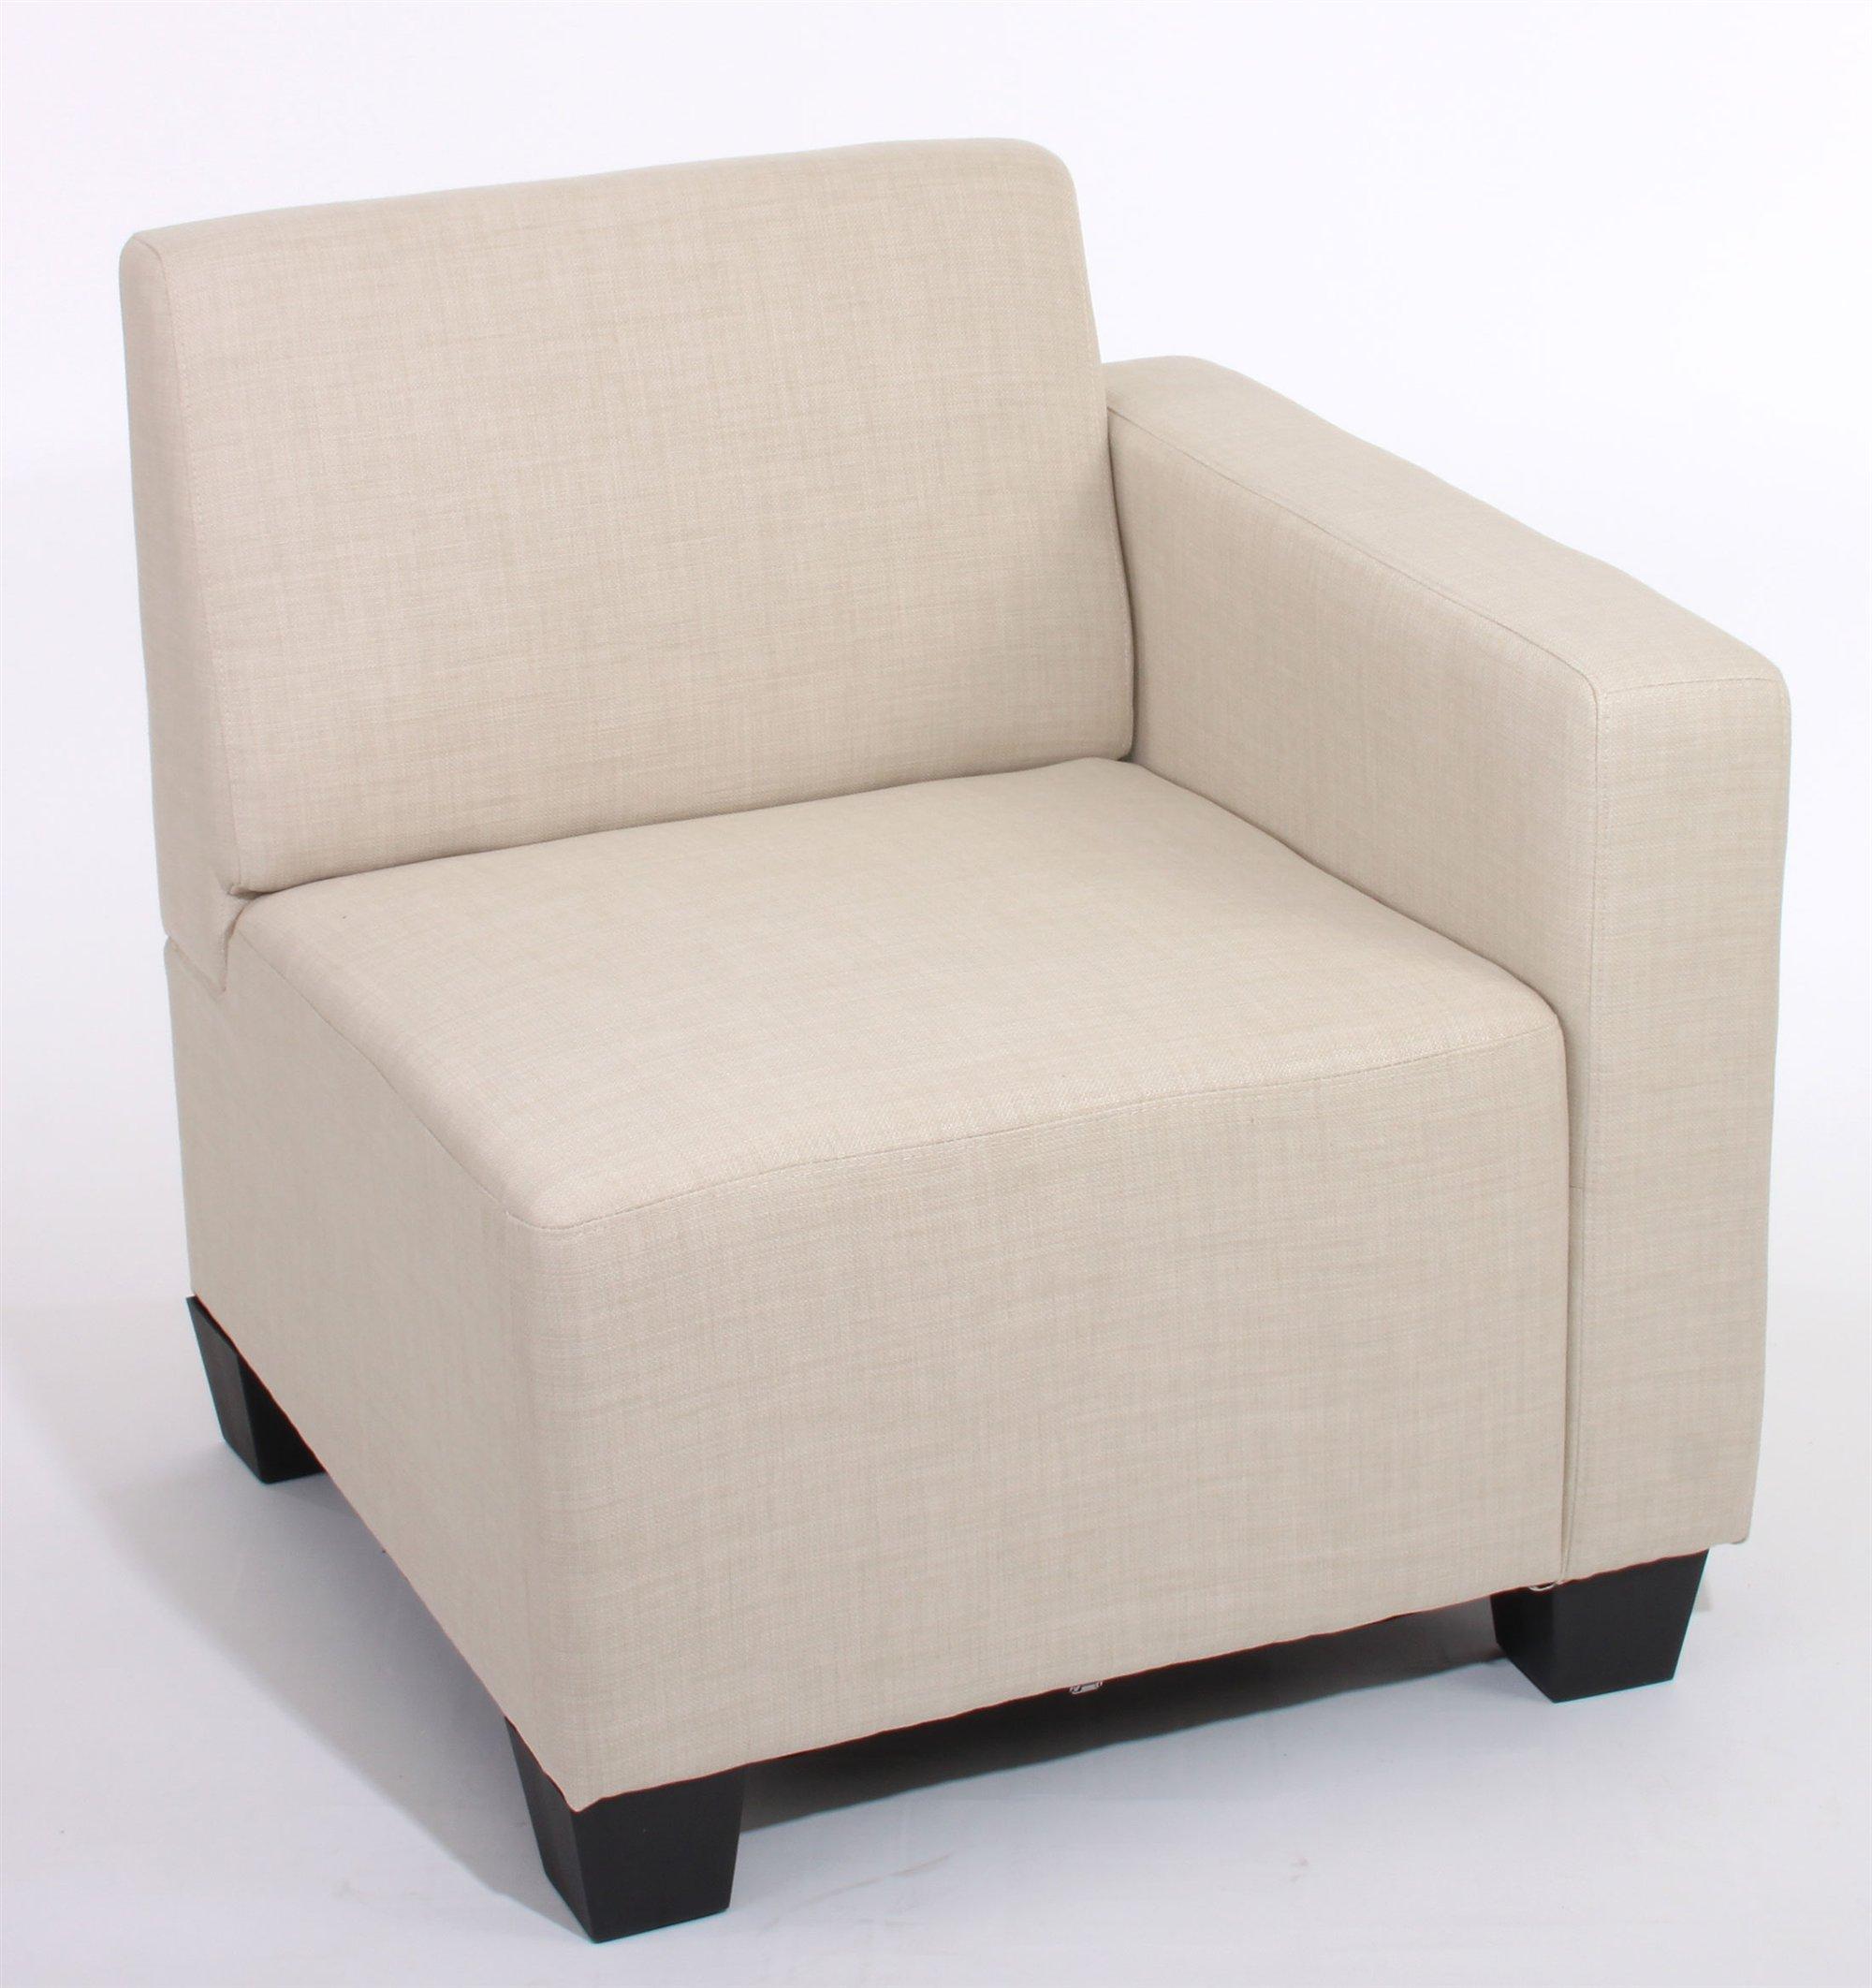 Sofa Modular LYON En 3 Piezas , Gran Acolchado, Tapizado